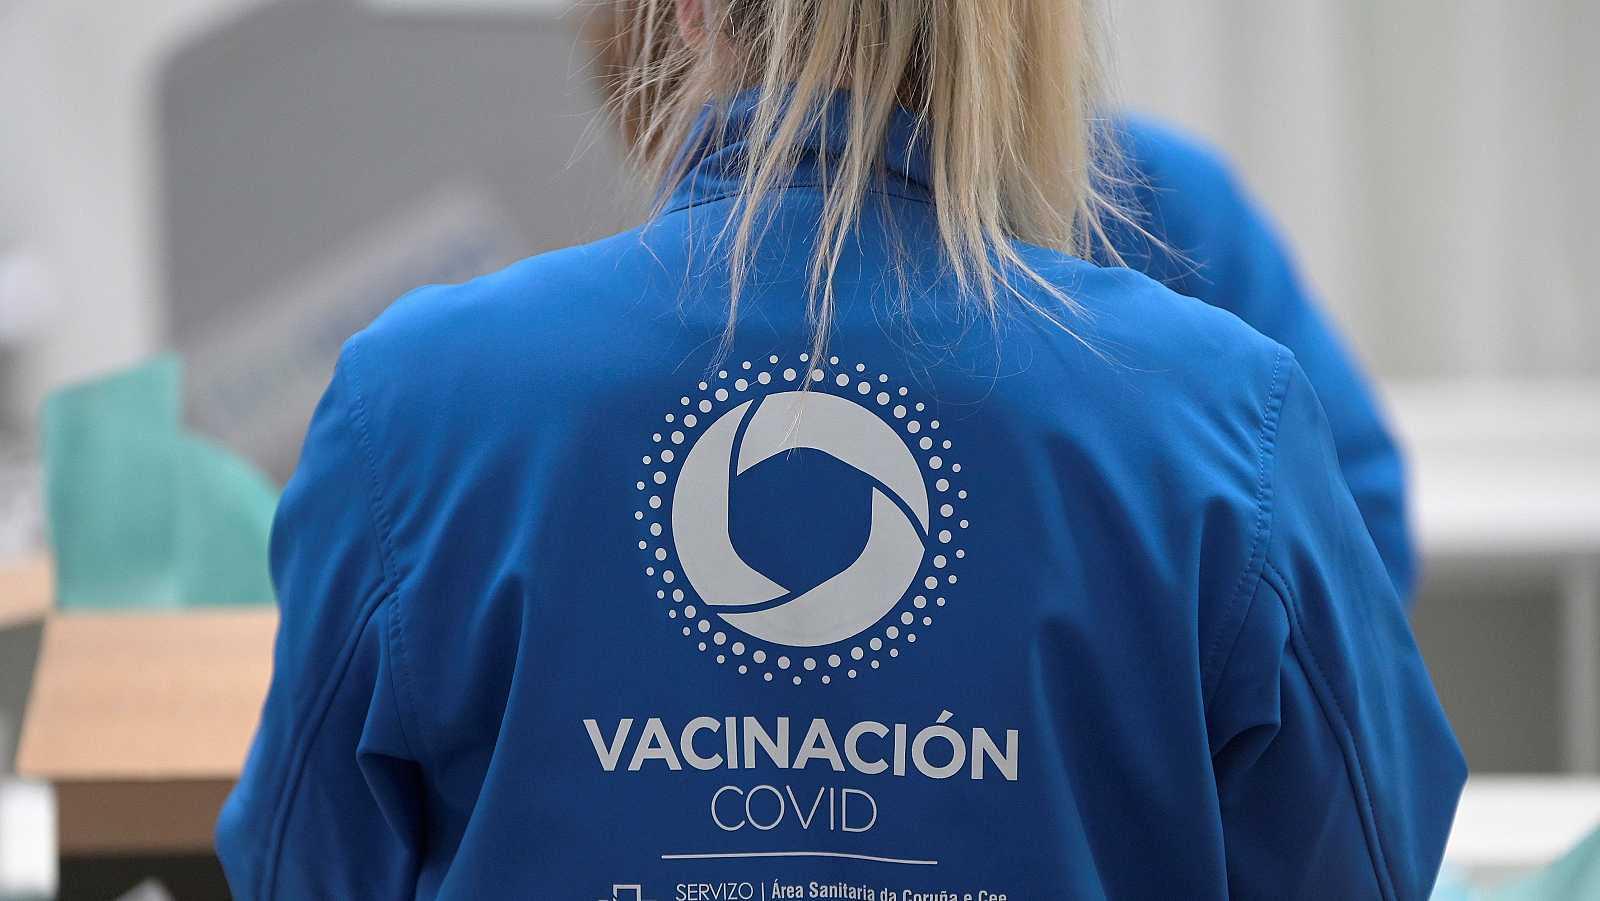 Más de 80 sociedades científicas piden a los políticos que no paren la vacunación